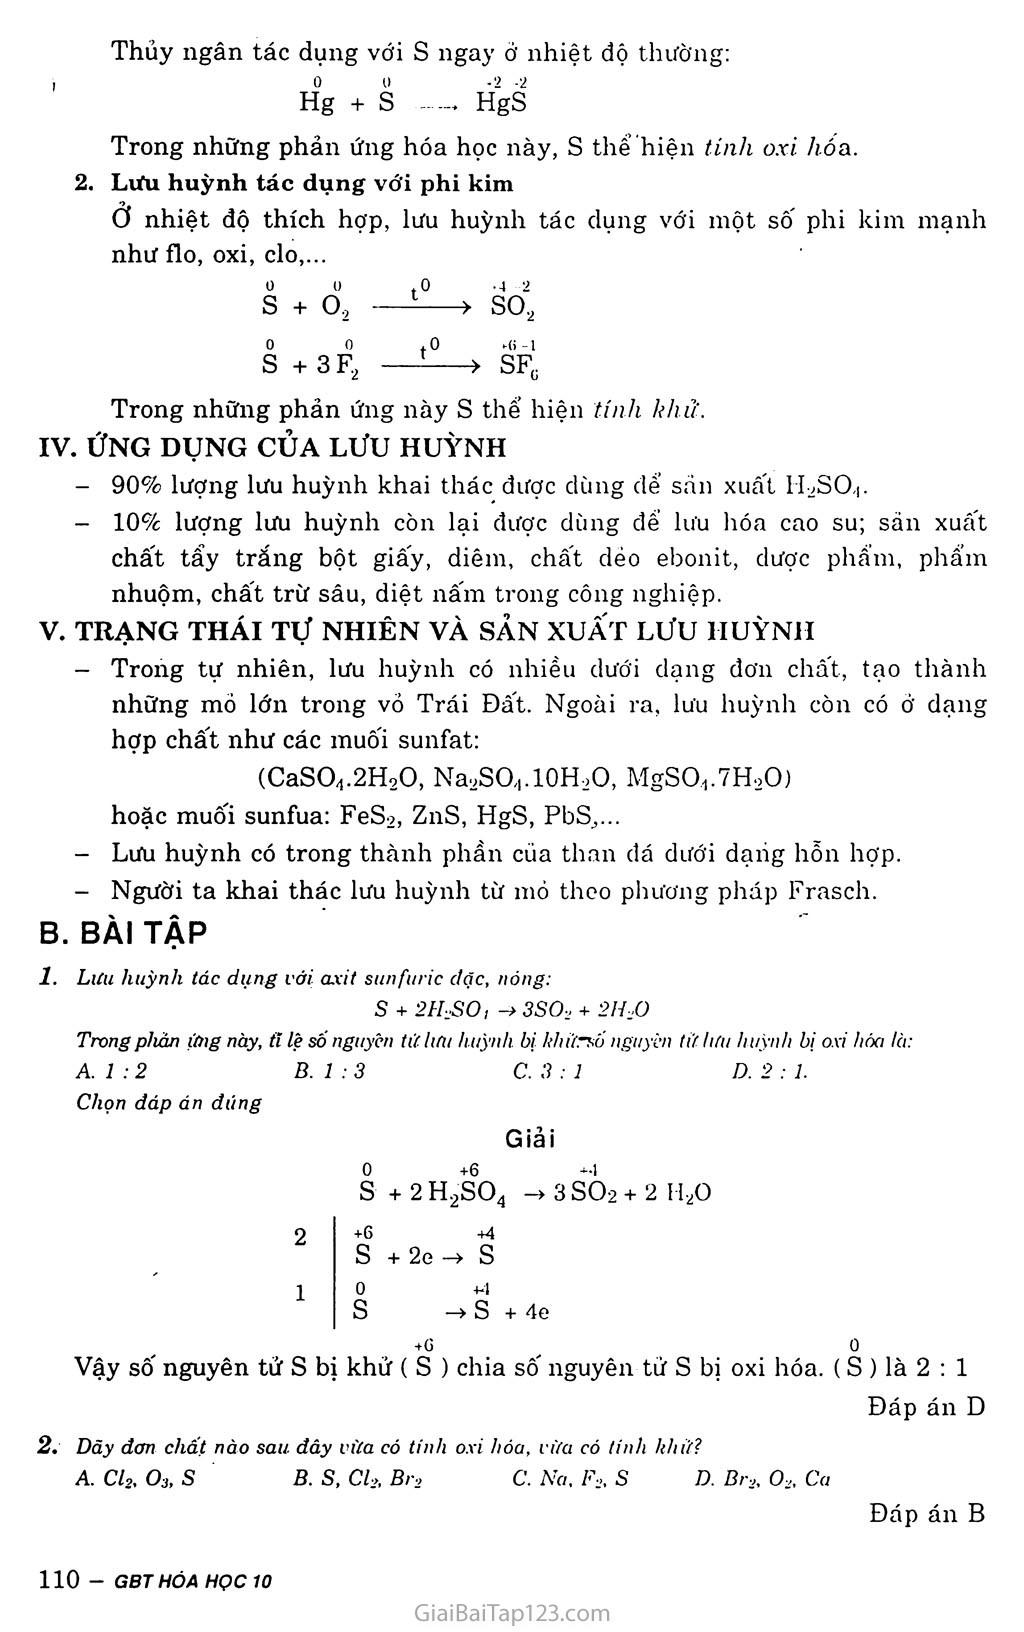 Bài 30: Lưu huỳnh trang 2